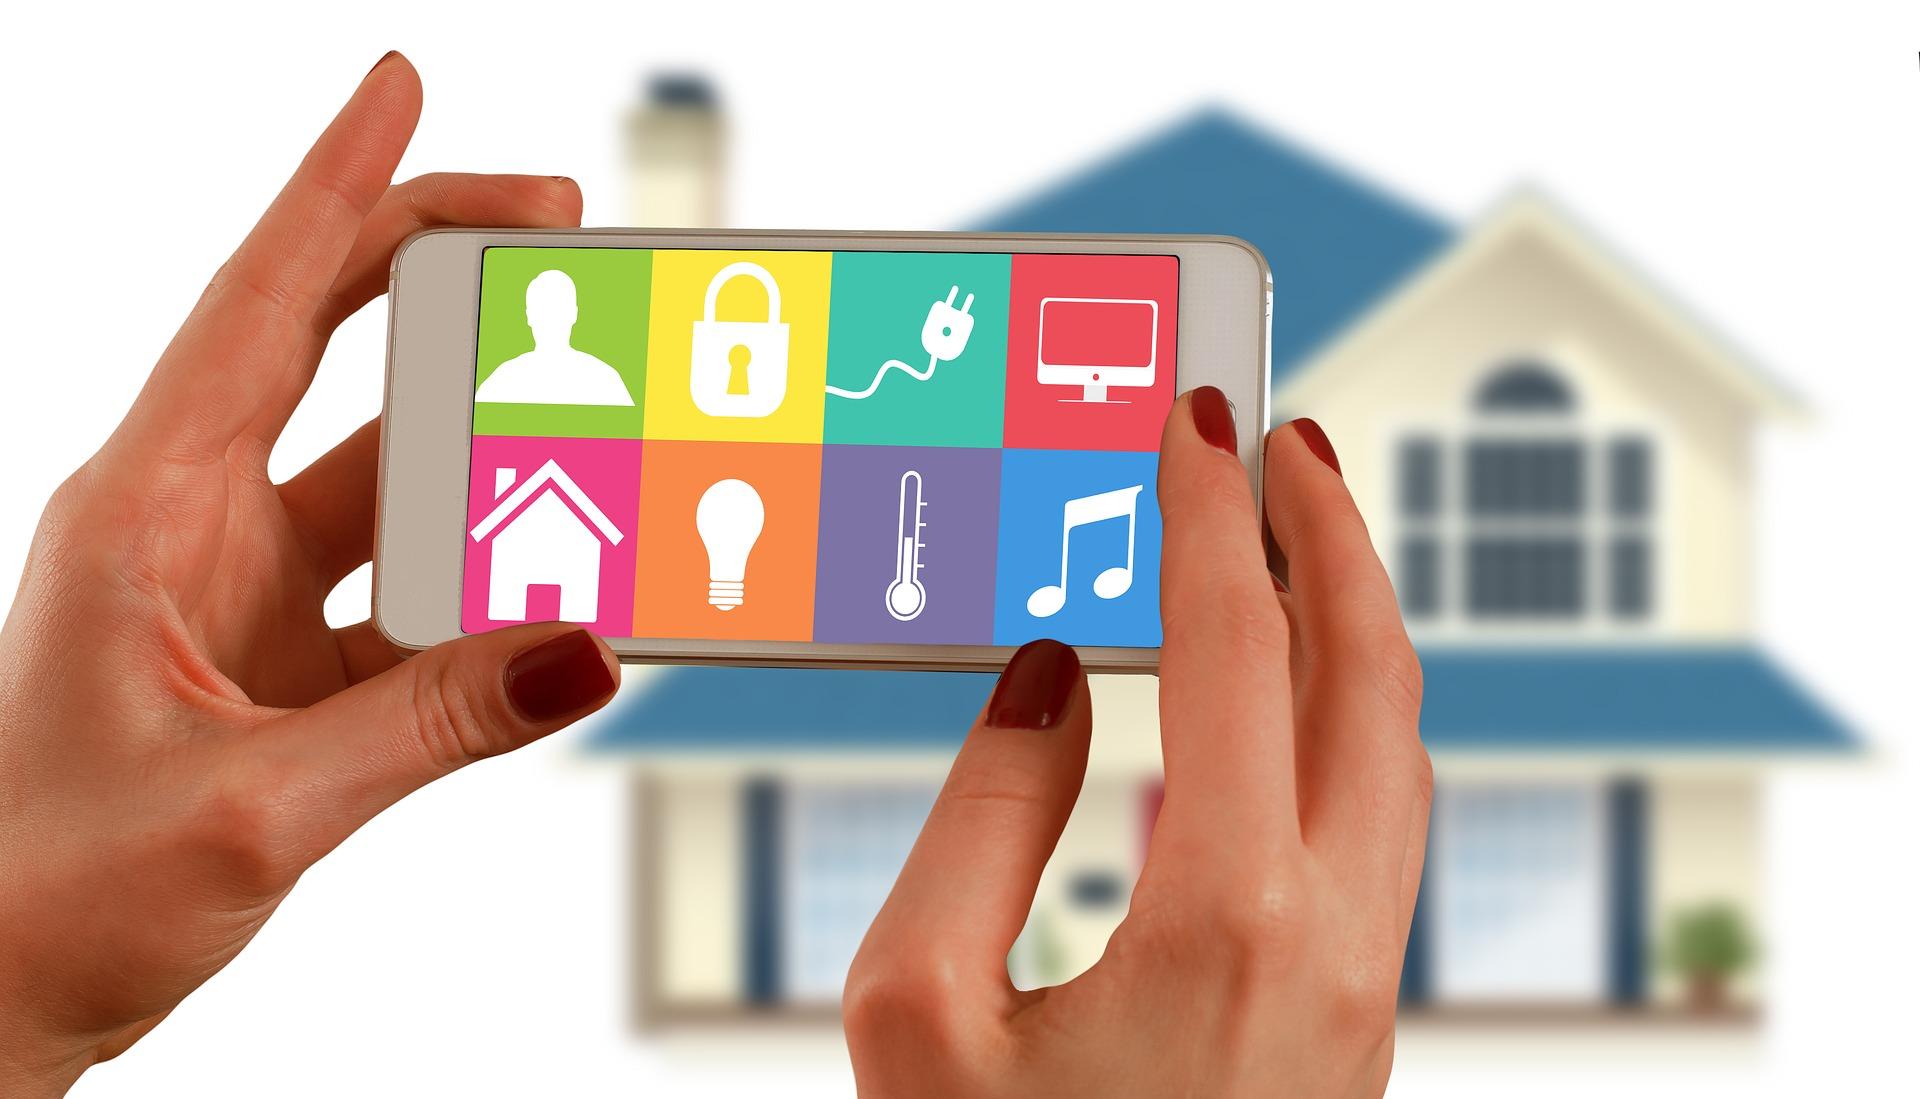 להשקיע באנרגיה ירוקה בבית שלכם? כדאי יותר משחשבתם